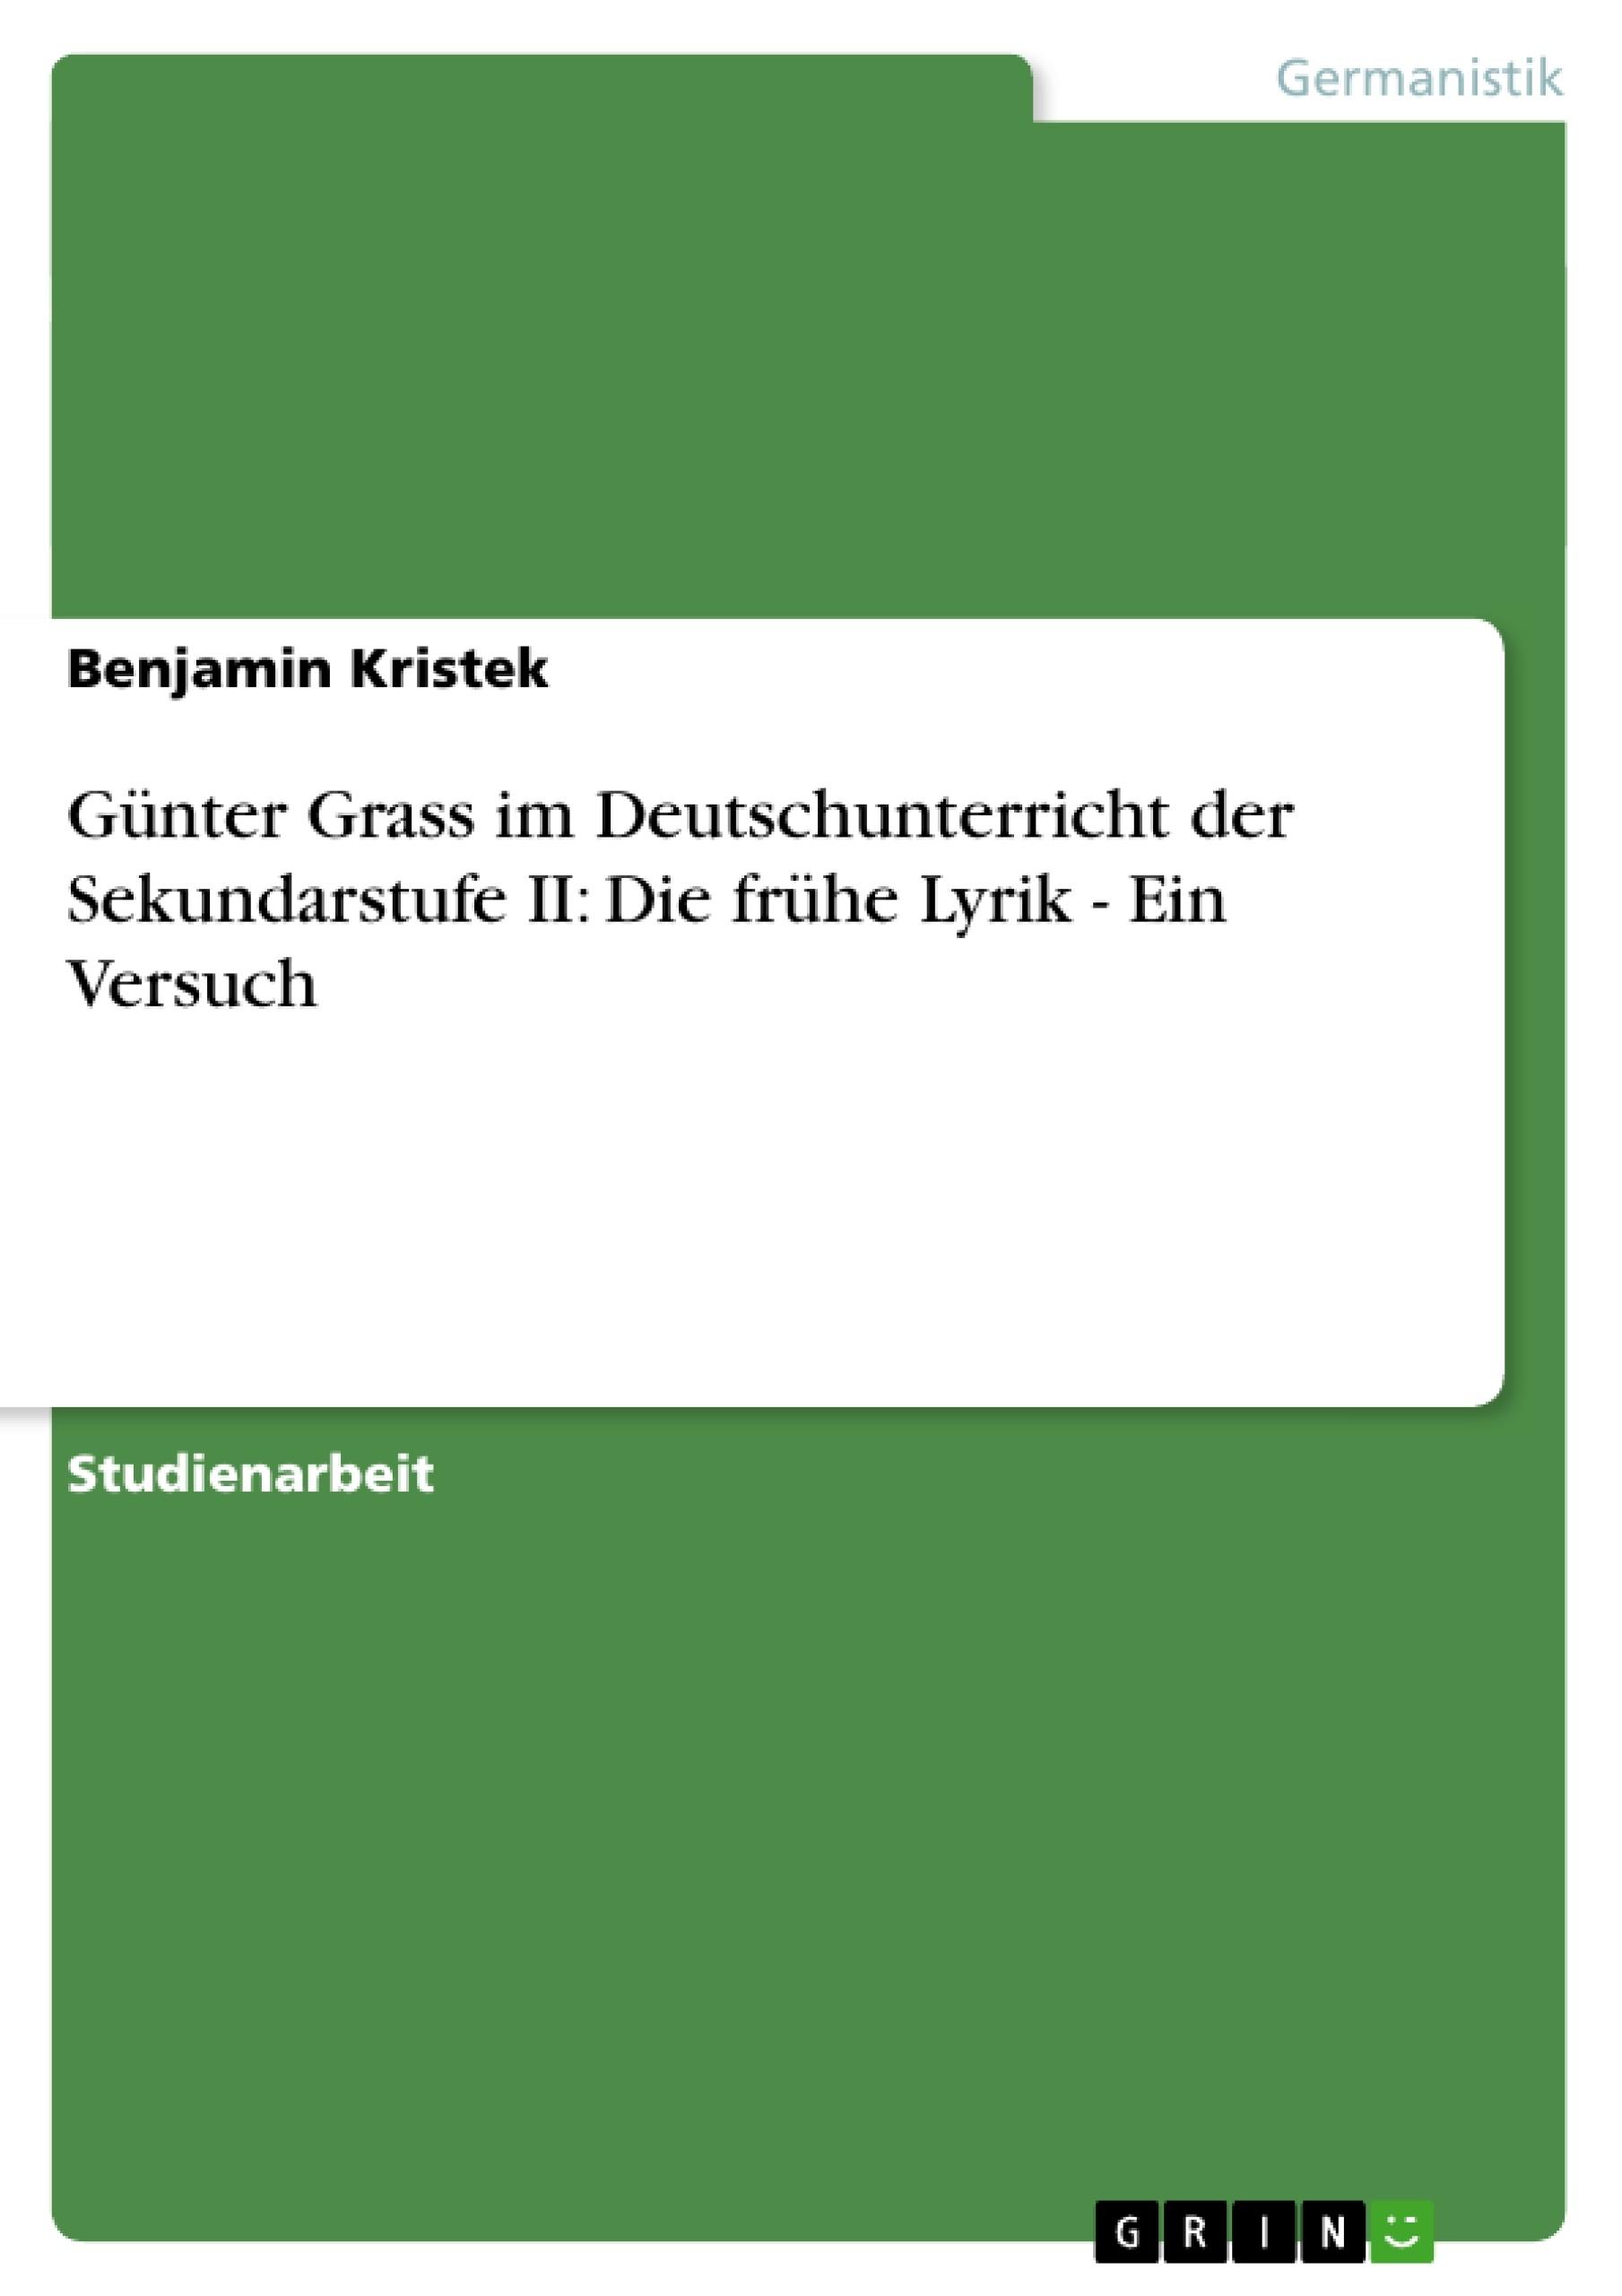 Titel: Günter Grass im Deutschunterricht der Sekundarstufe II: Die frühe Lyrik - Ein Versuch